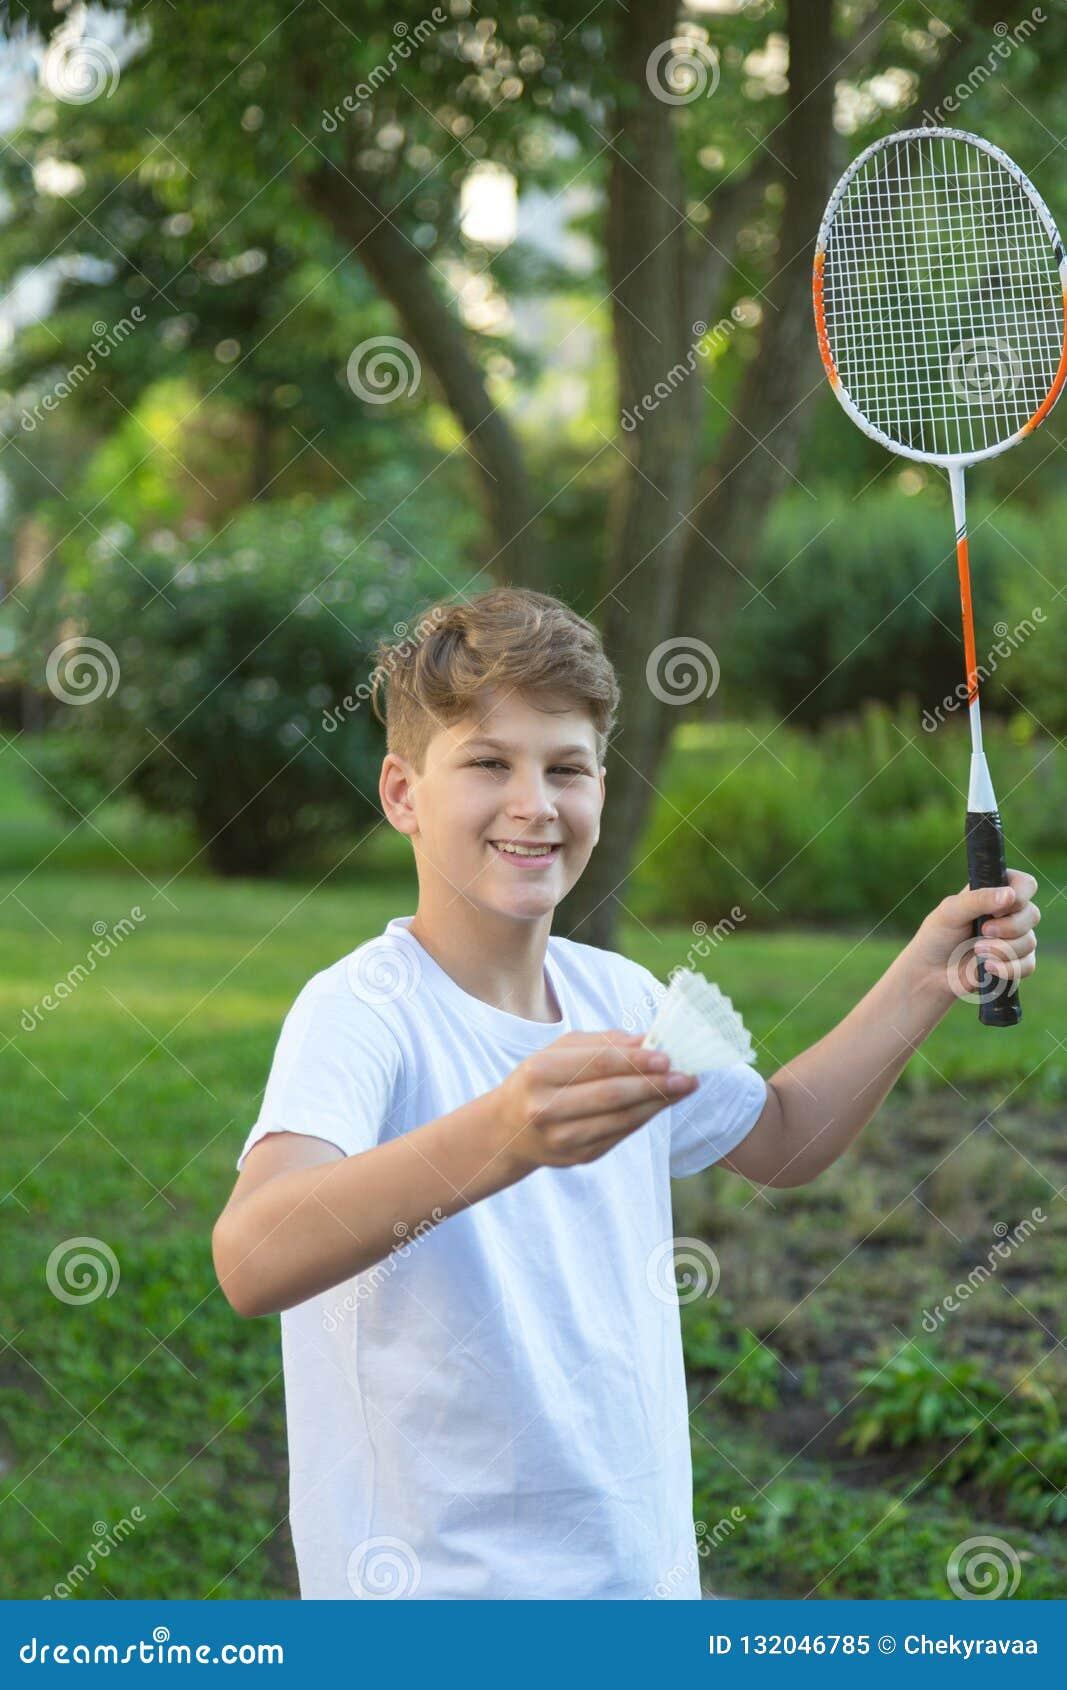 De zomer grappig portret van het leuke speelbadminton van het jongensjonge geitje in groen park Sport, gezonde levensstijl